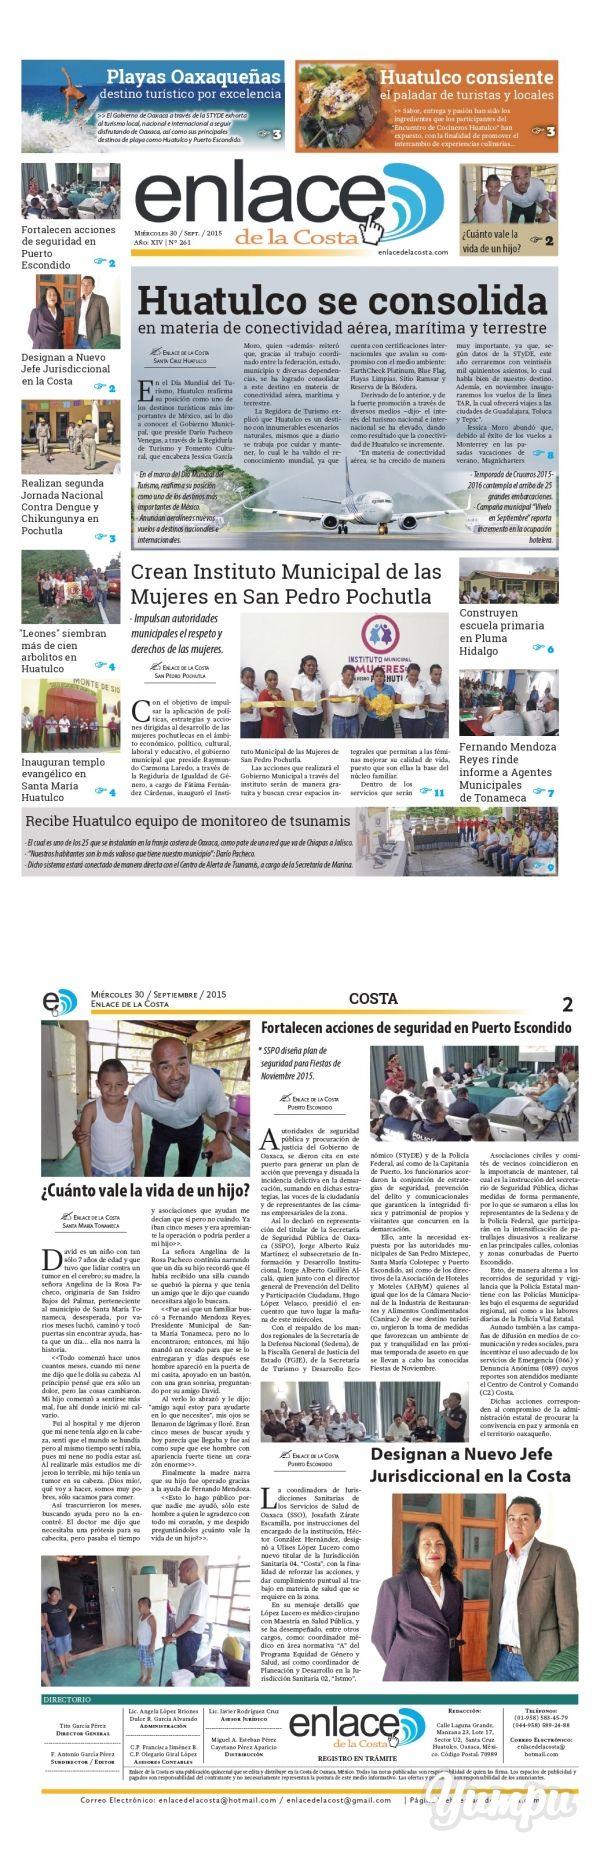 Edición 261; Enlace de la Costa - Magazine with 16 pages: Edición número 261 del periódico Enlace de la Costa, editado y distribuido en la Costa de Oaxaca, con información de la región y sus municipios.